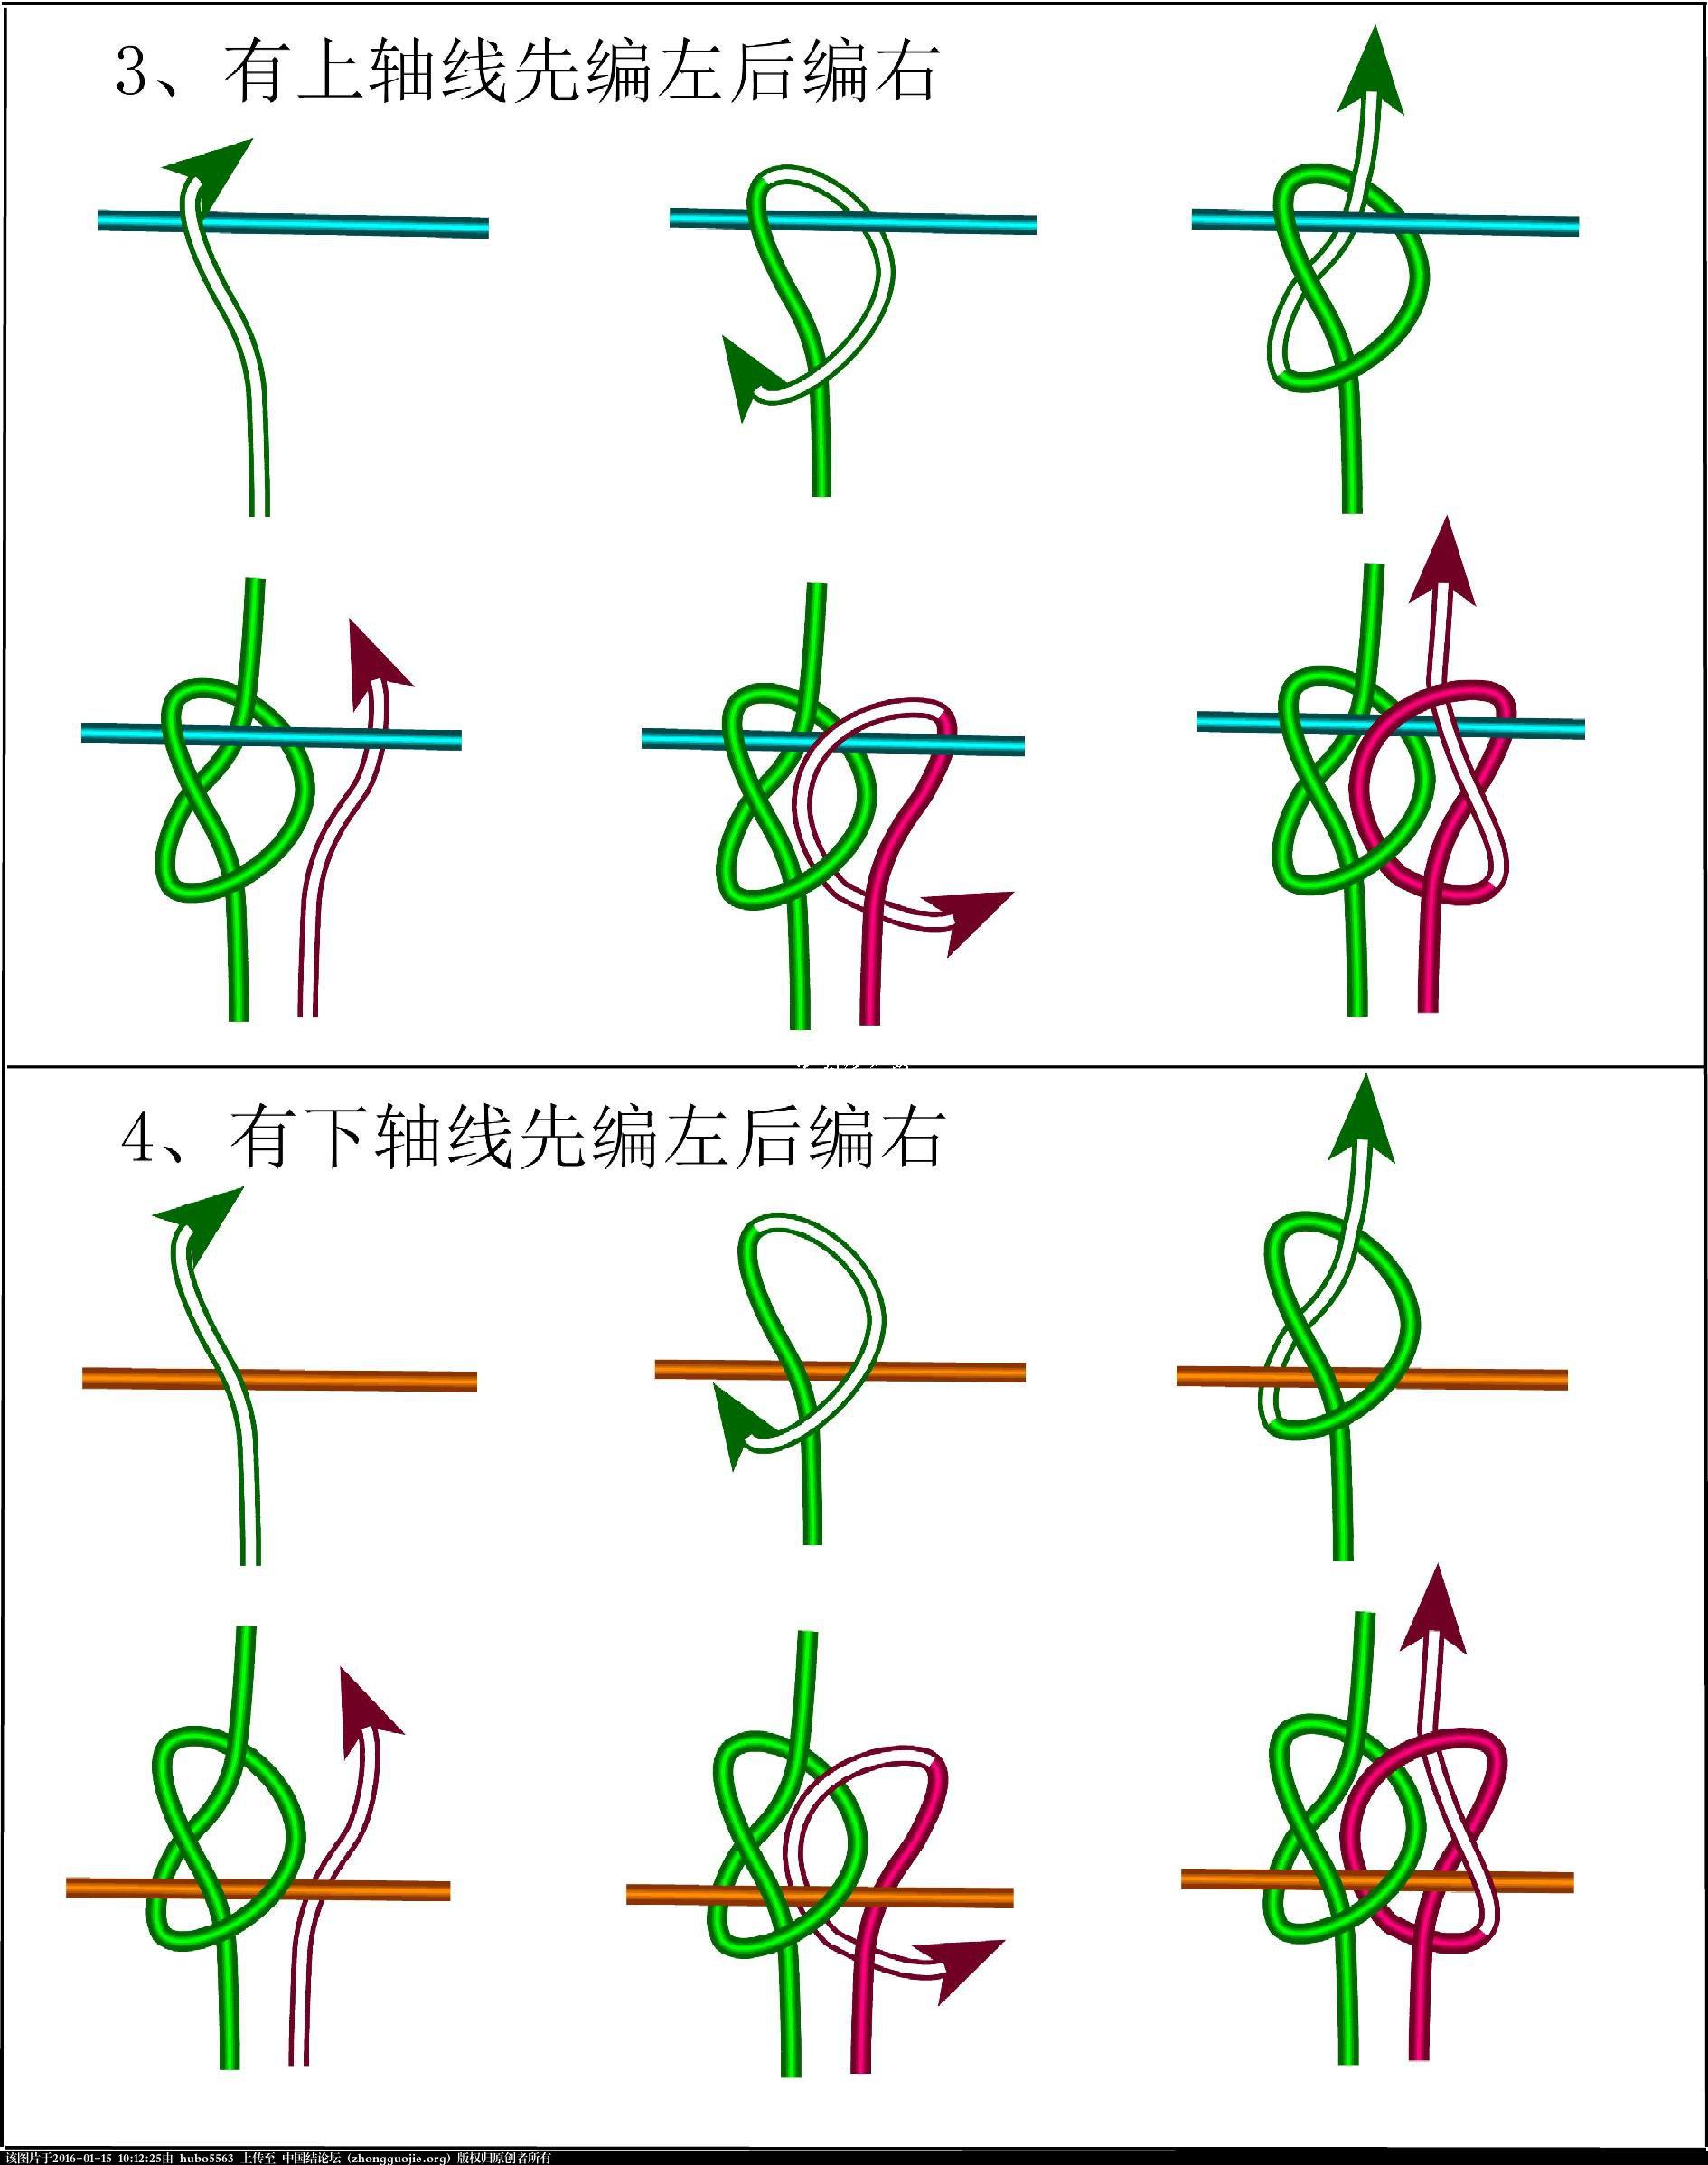 中国结论坛 穿轴同心结 同心 冰花结(华瑶结)的教程与讨论区 100829ldwqwd75f53ydktq